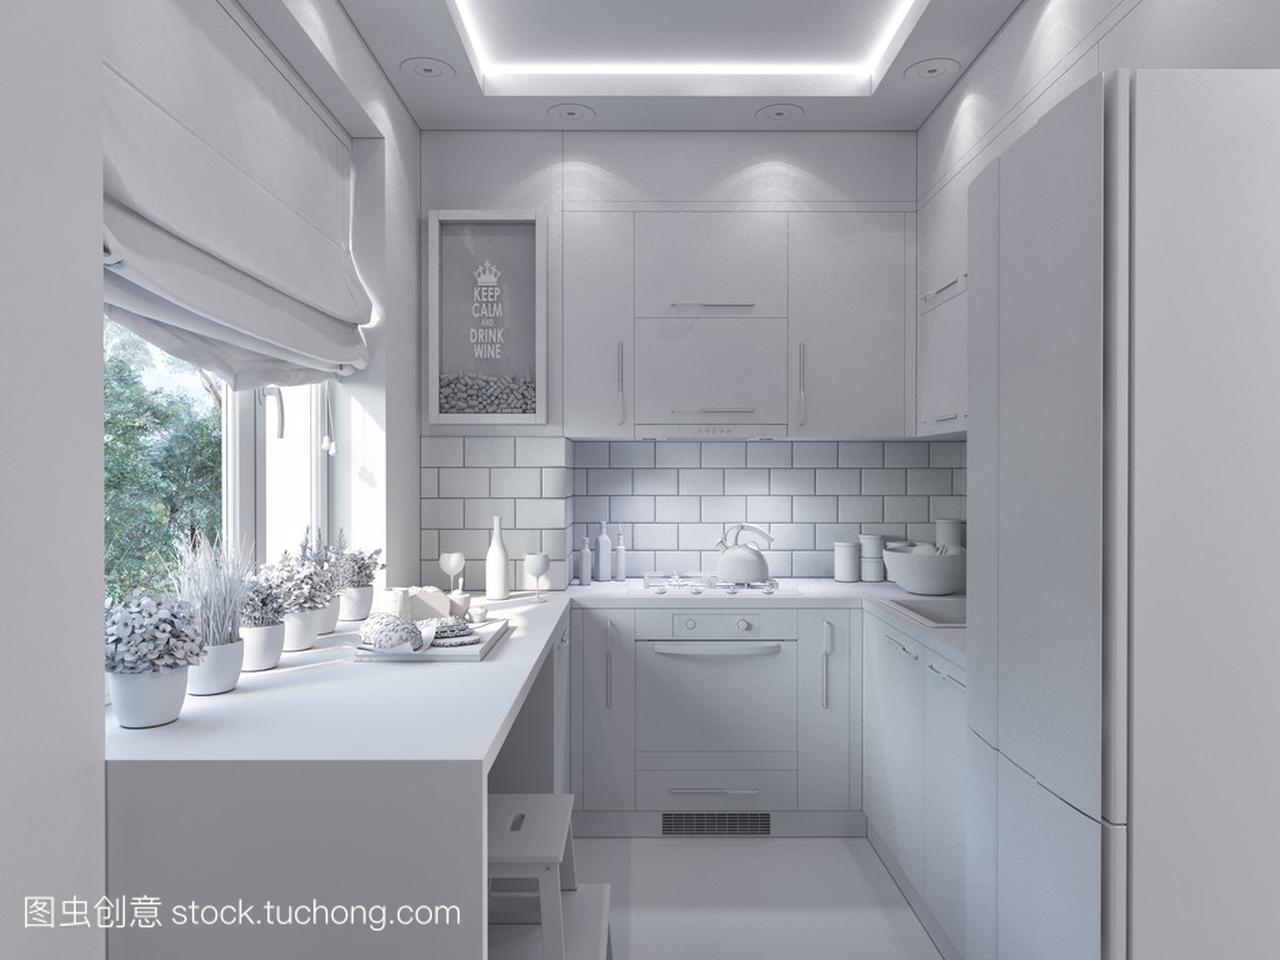 3d装修的厨房渲染。在现代助理的室内设计设计部风格图片